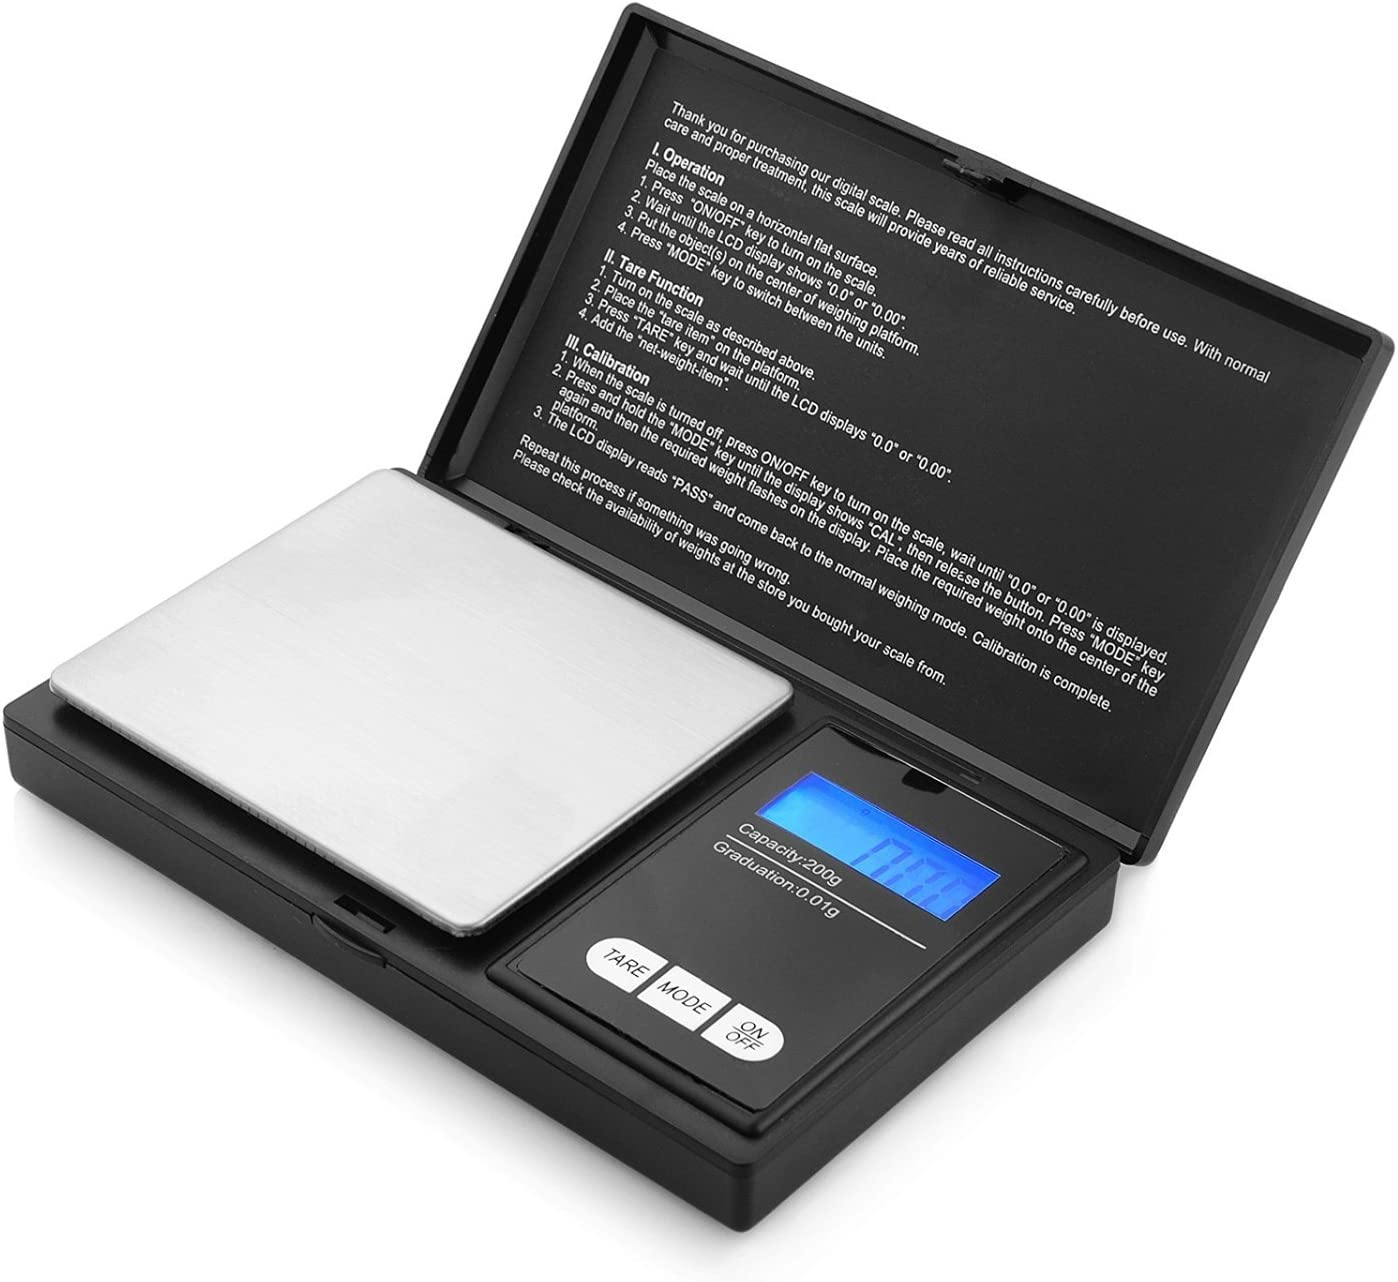 t/è 0.01 g-300g lievito Bilancia Digitale di precisione Display retroilluminato a LED farmaci per Gioielli da Cucina Gioielli caff/è Eidyer Mini Portatile Bilancia